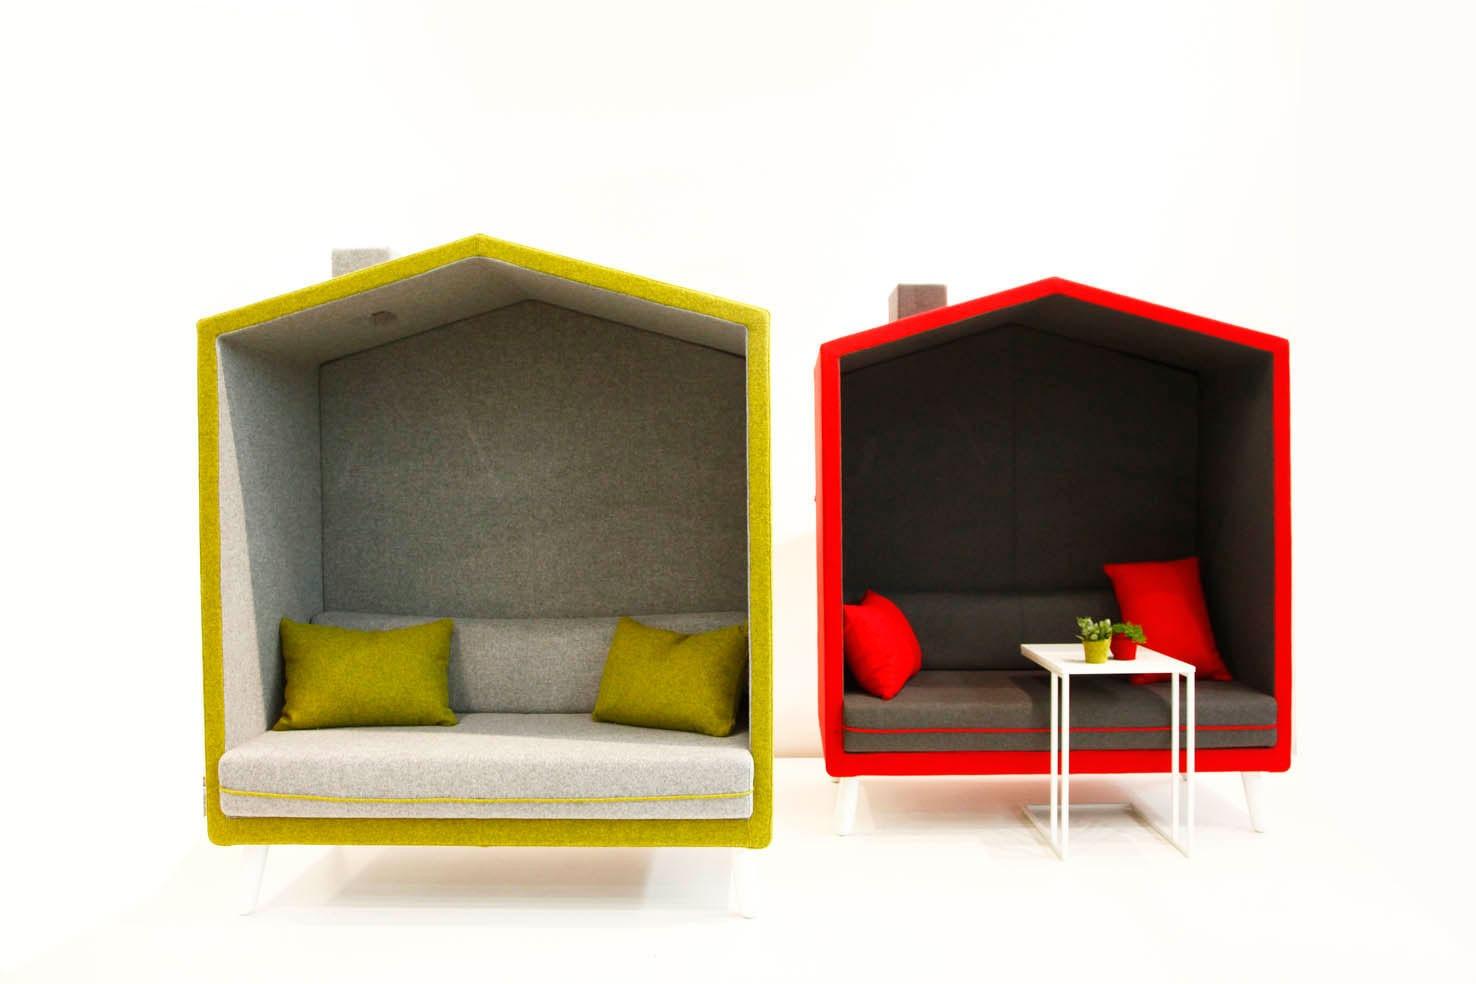 #C6060522358064 Havic Kantoormeubelen Kantoormeubelen Review Ebooks Meest effectief Design Kantoormeubelen Eindhoven 1175 behang 14769841175 afbeeldingen